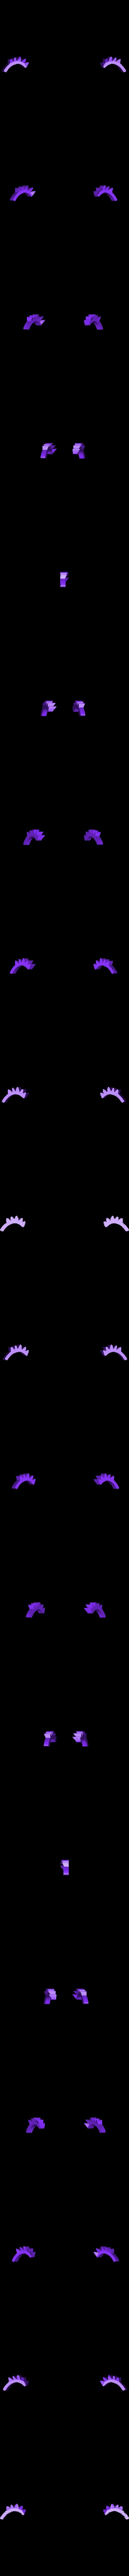 eyelashes.stl Download free STL file Alice • 3D printable object, reddadsteve